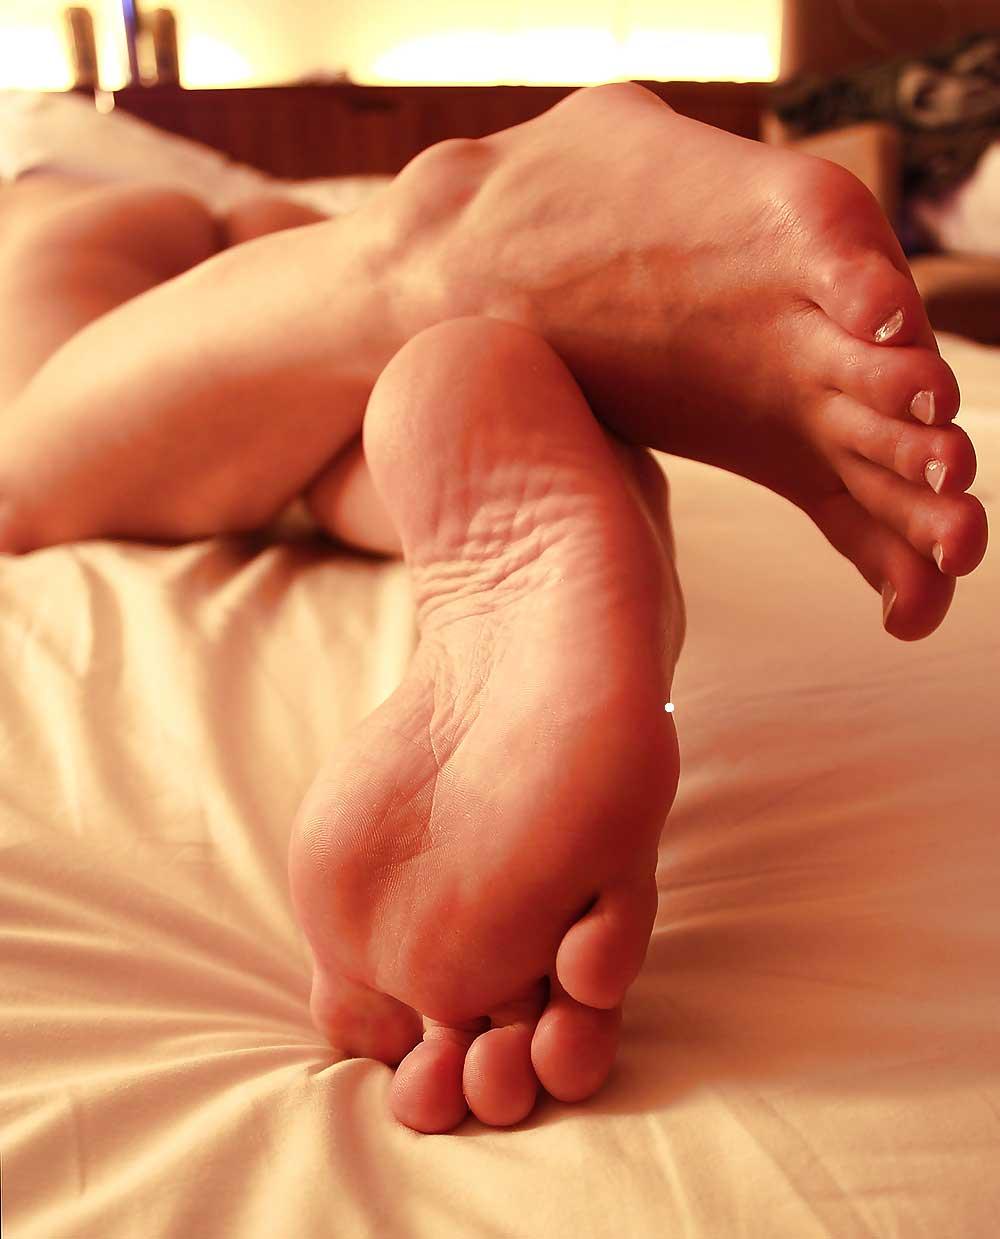 My Baby Feet